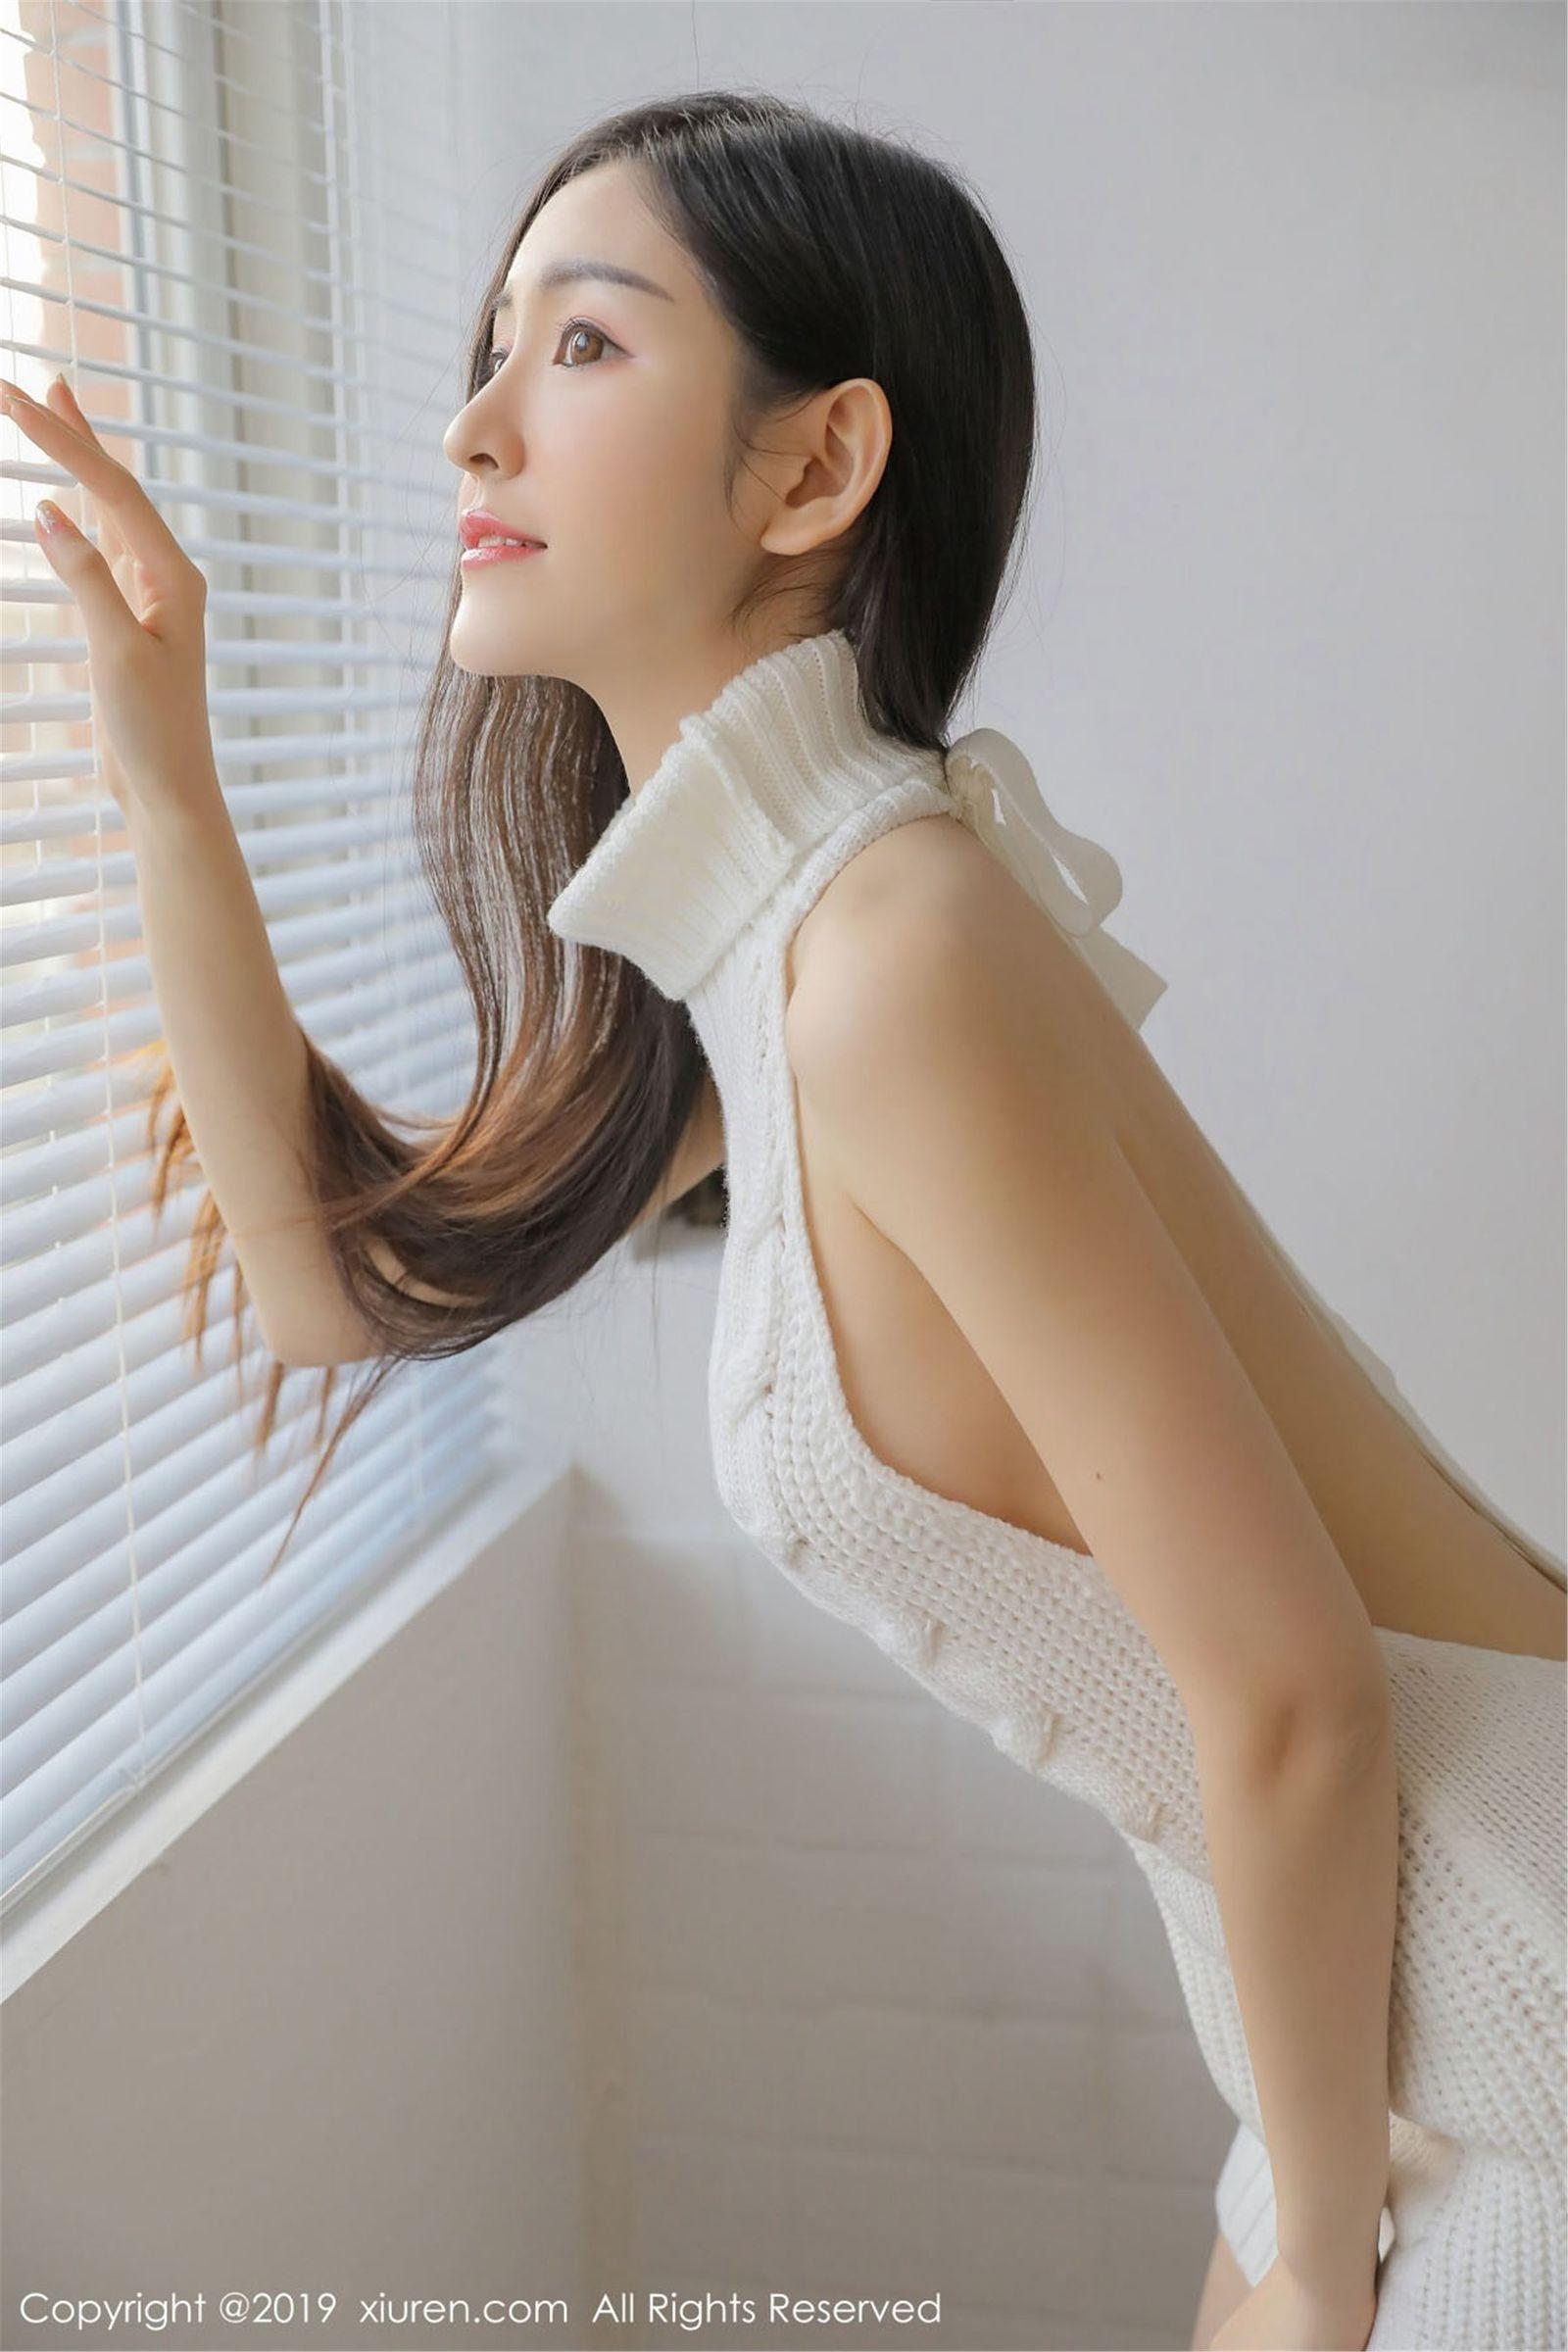 方子萱 - 暗示 写真套图